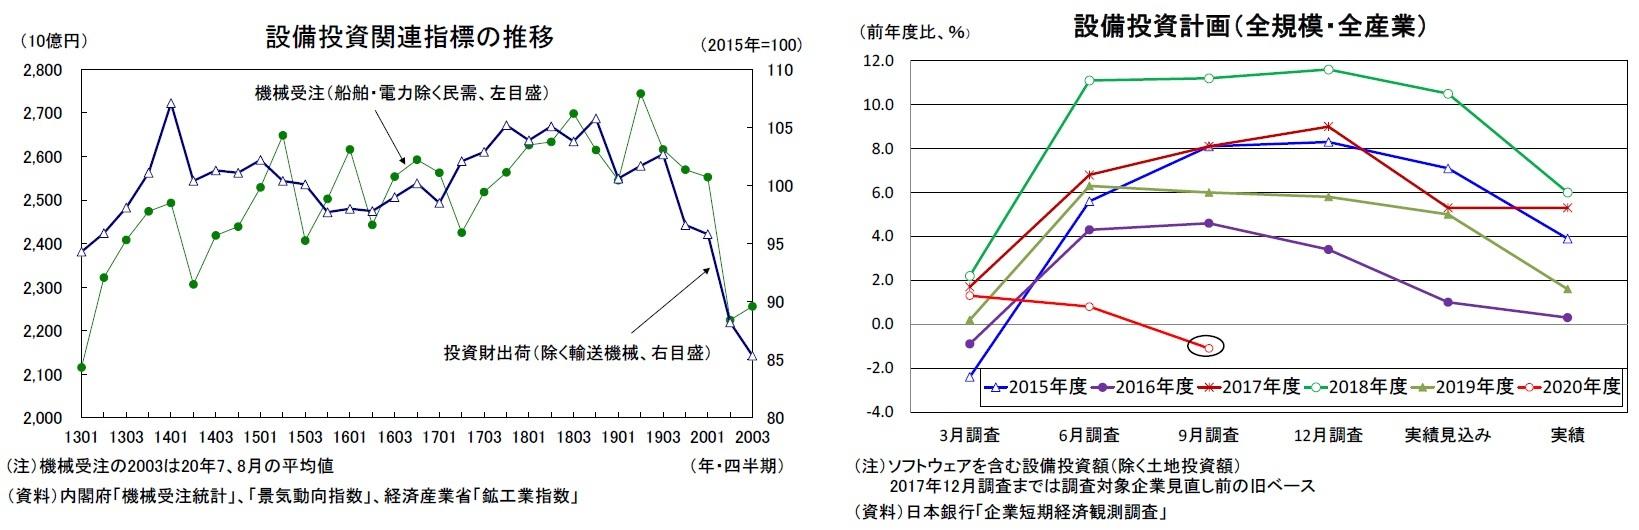 設備投資関連指標の推移/設備投資計画(全規模・全産業)